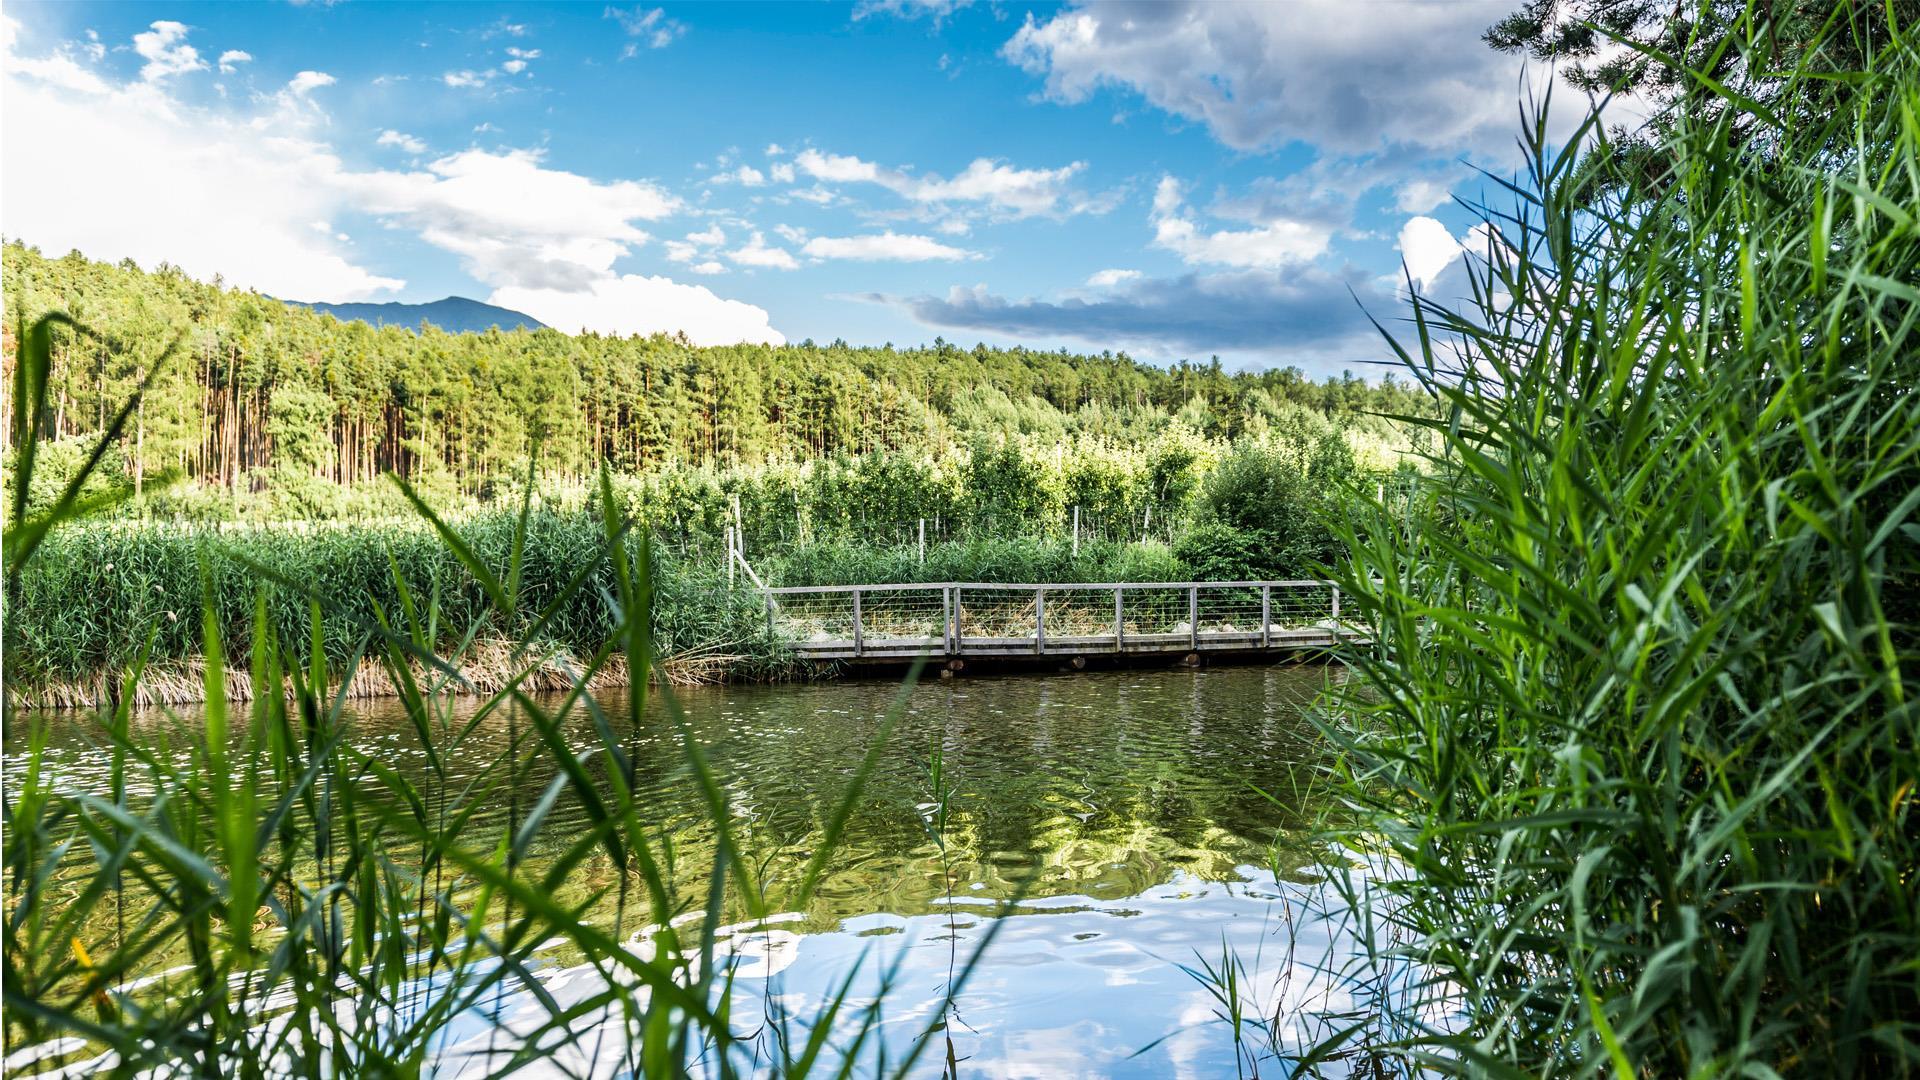 Raiermoos Nature Trail